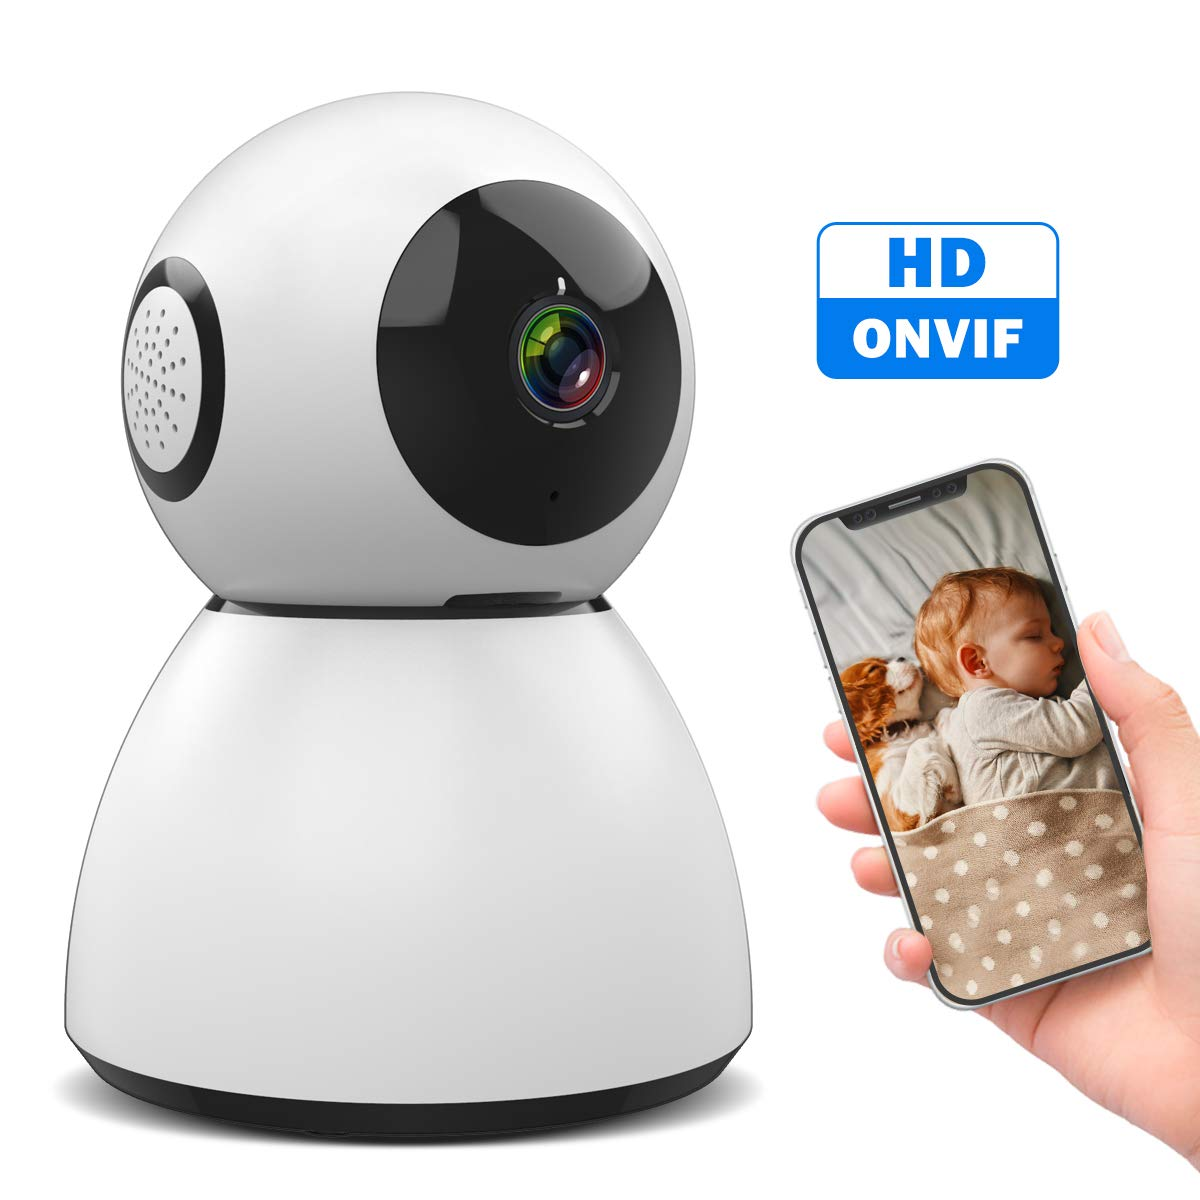 WLAN Kamera 1080P für 29,99€